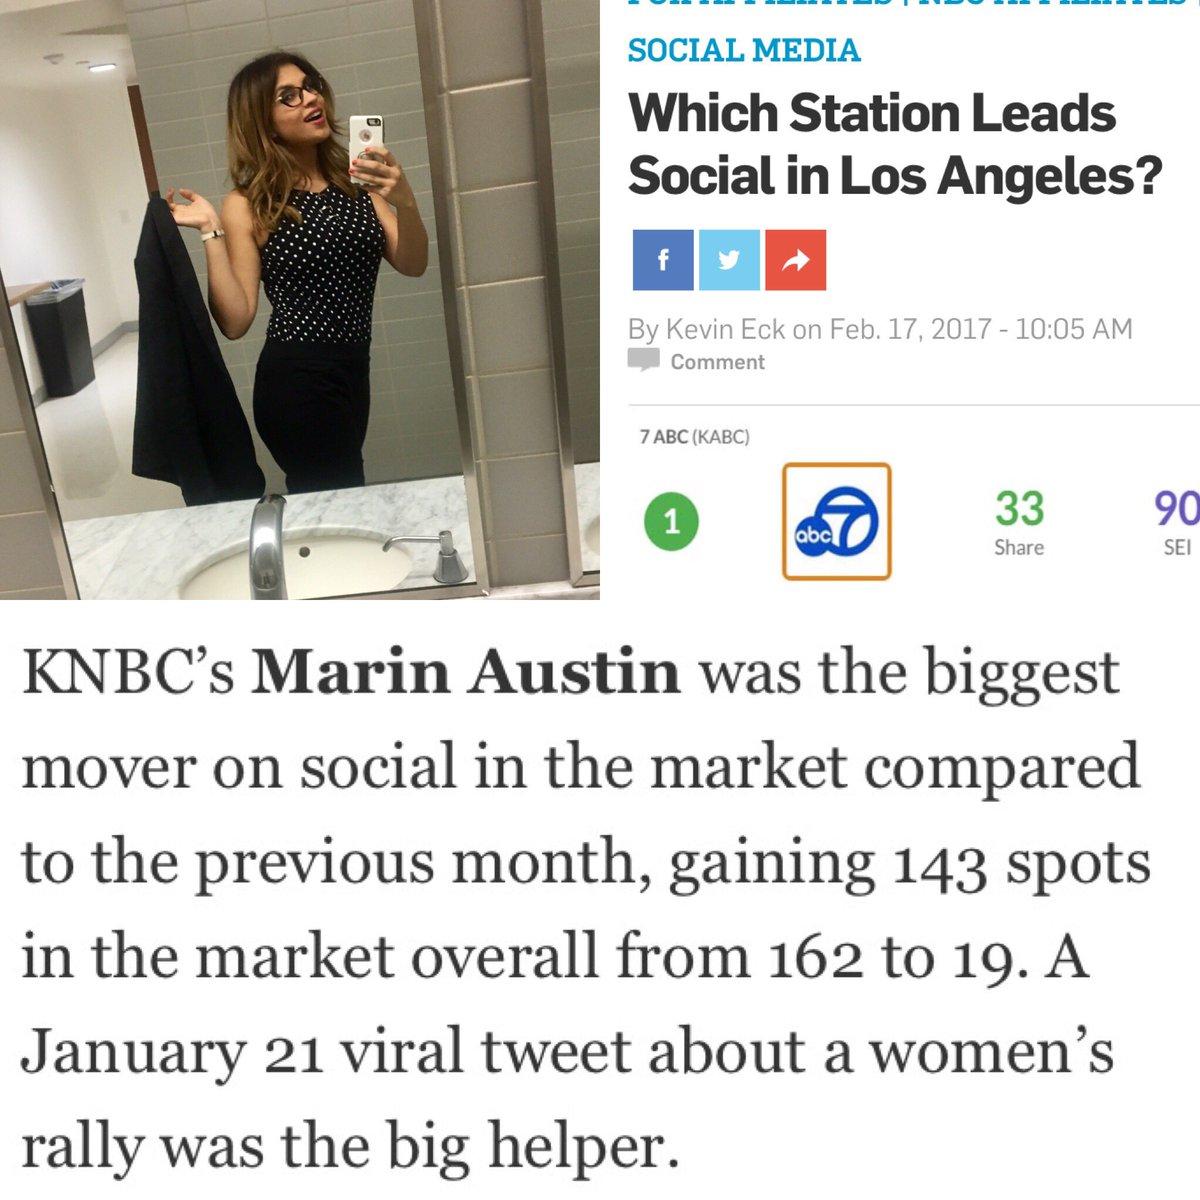 Marin Austin on Twitter: